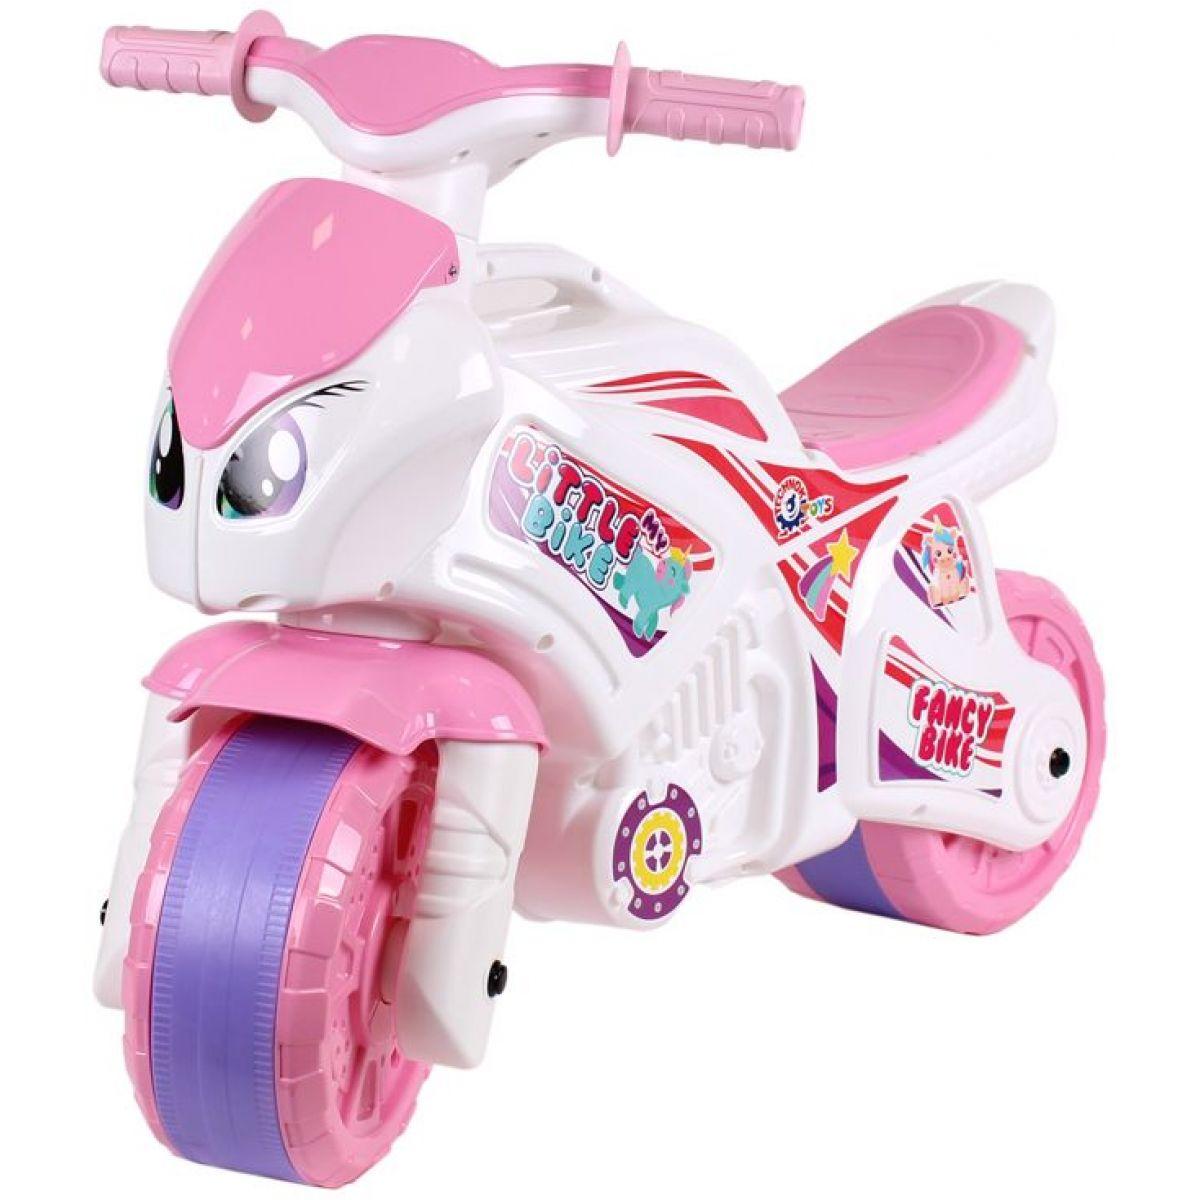 Odrážedlo motorka růžovo-bílá plast v sáčku 35 x 53 x 74 cm